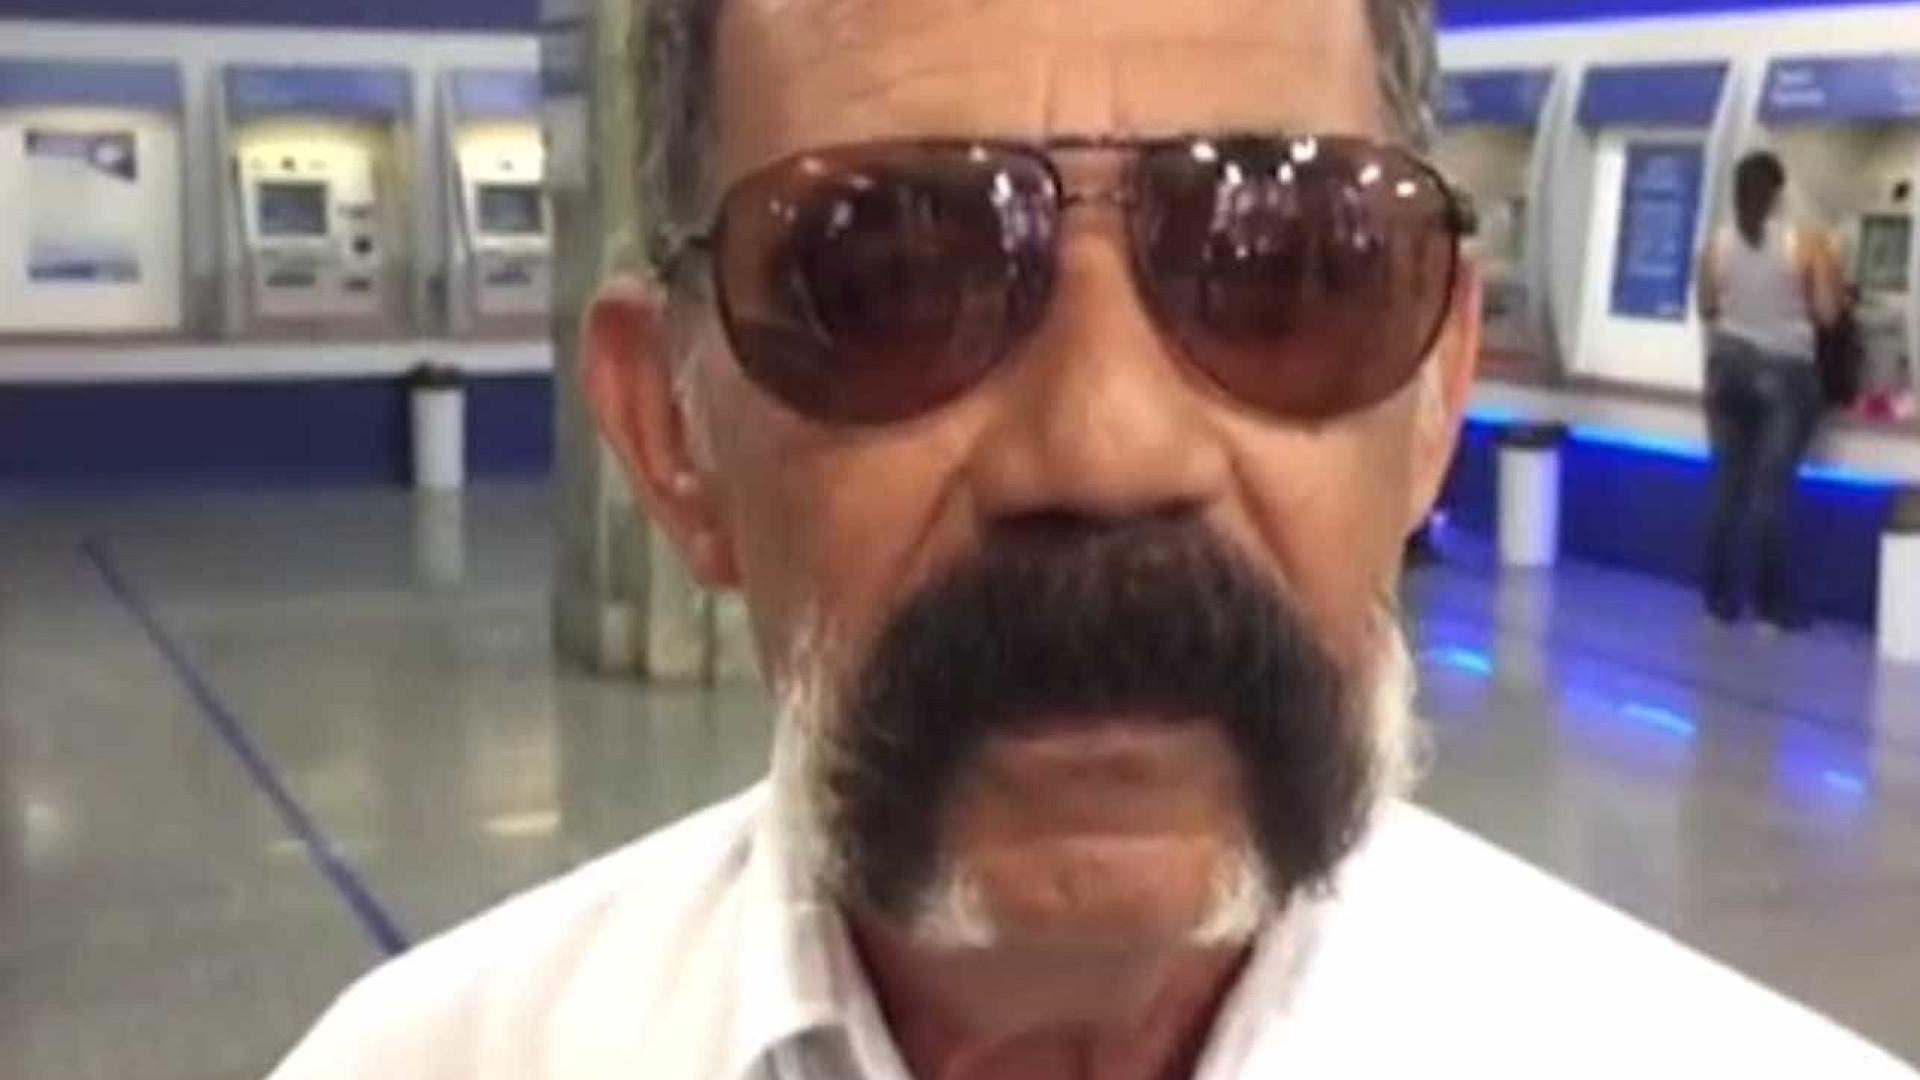 Homem saca R$ 15 mil do FGTS e 'torra' metade: 'Deu ruim. Foram 7 paus'